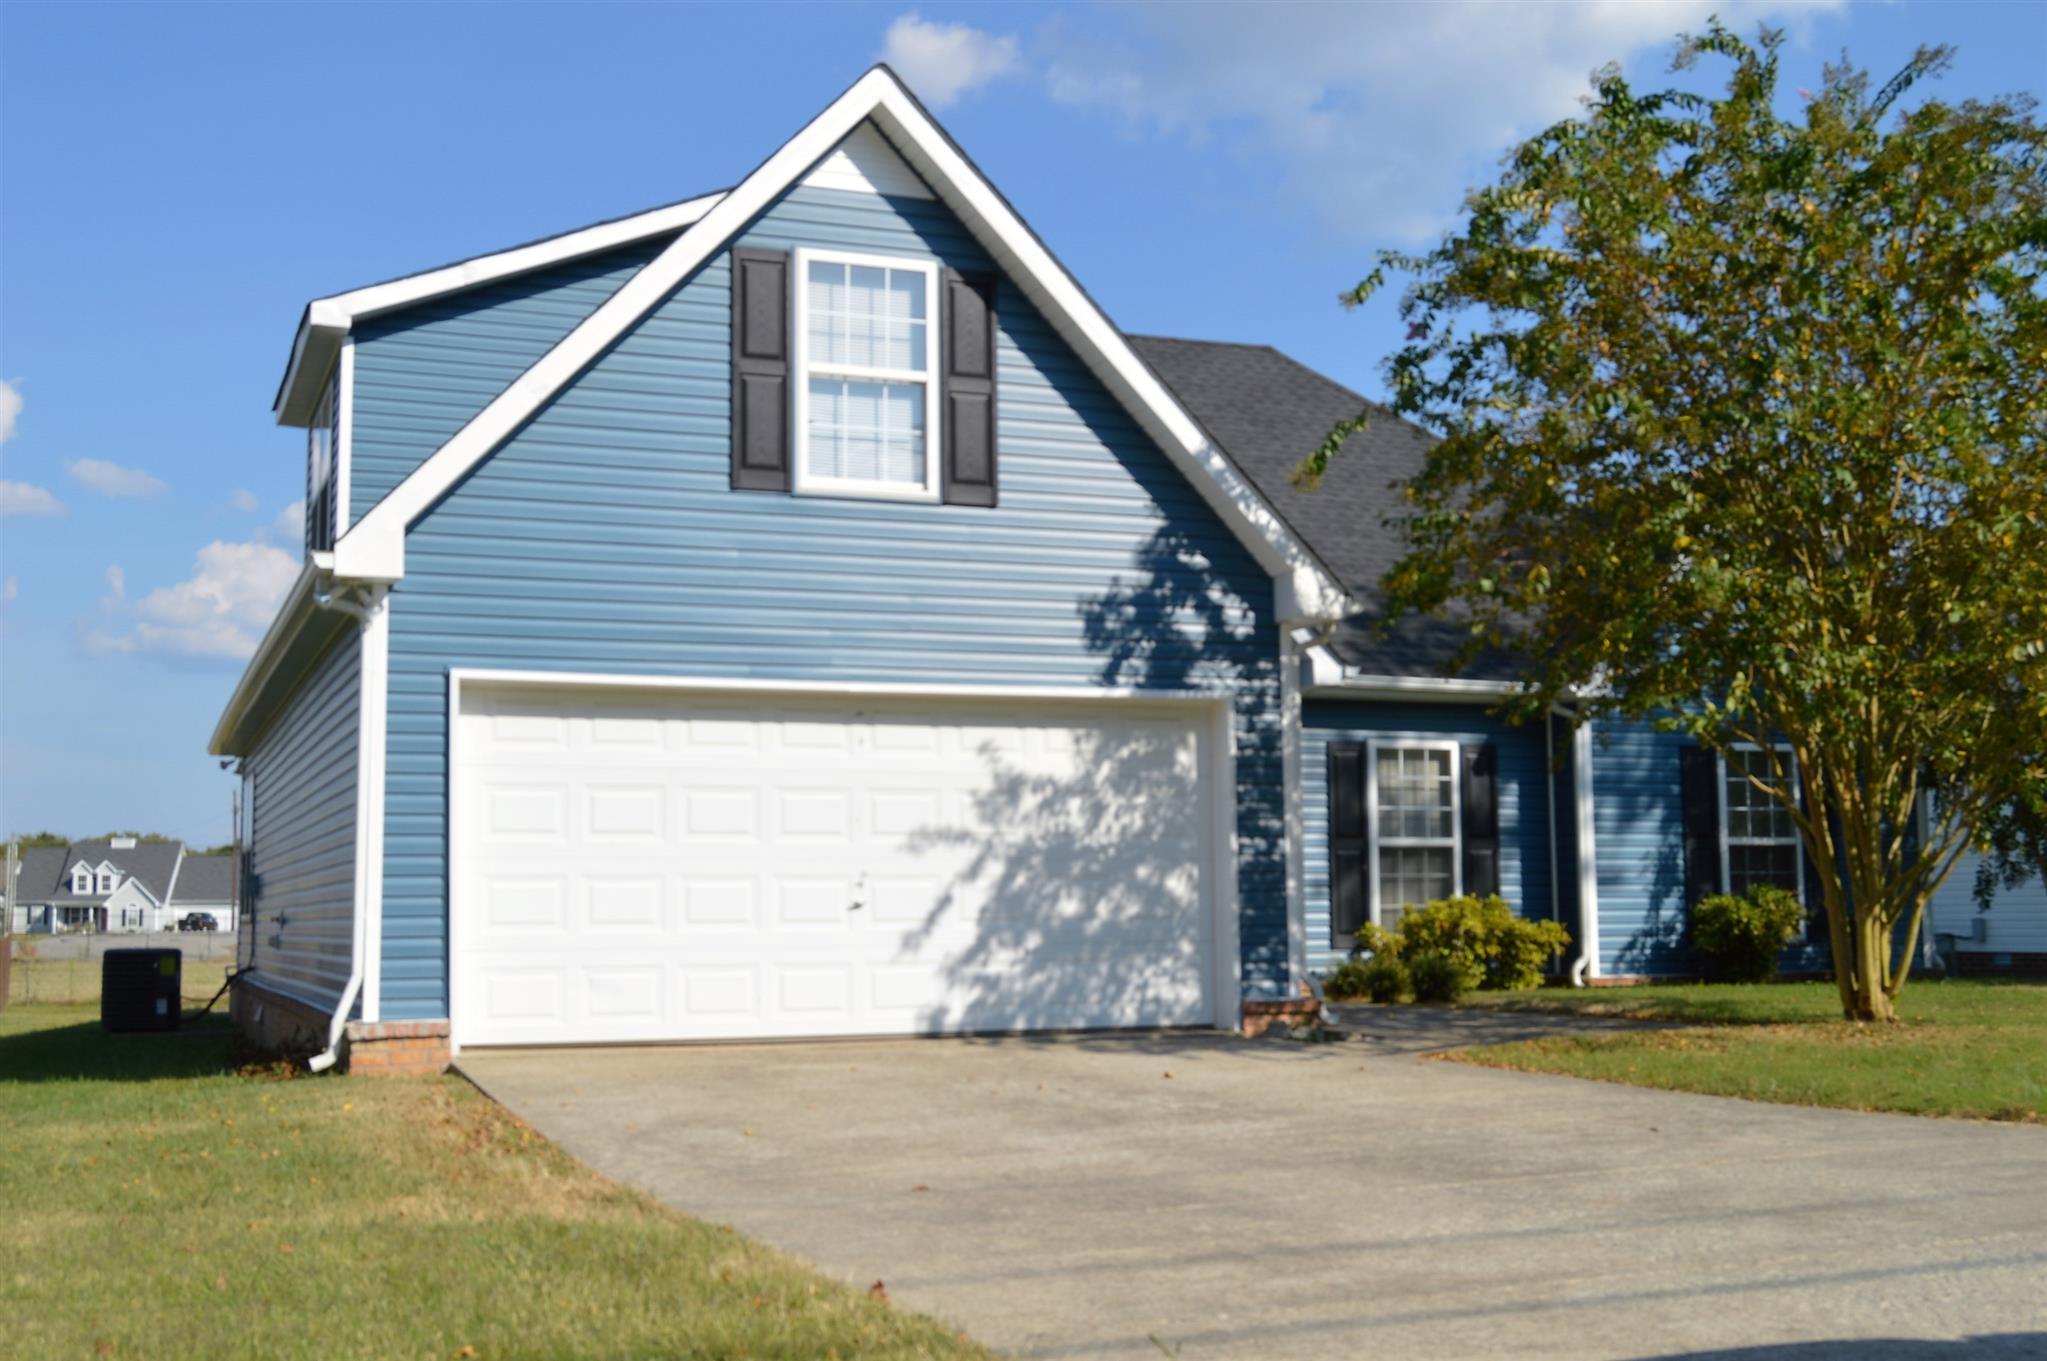 699 Crescent Rd, Murfreesboro, TN 37128